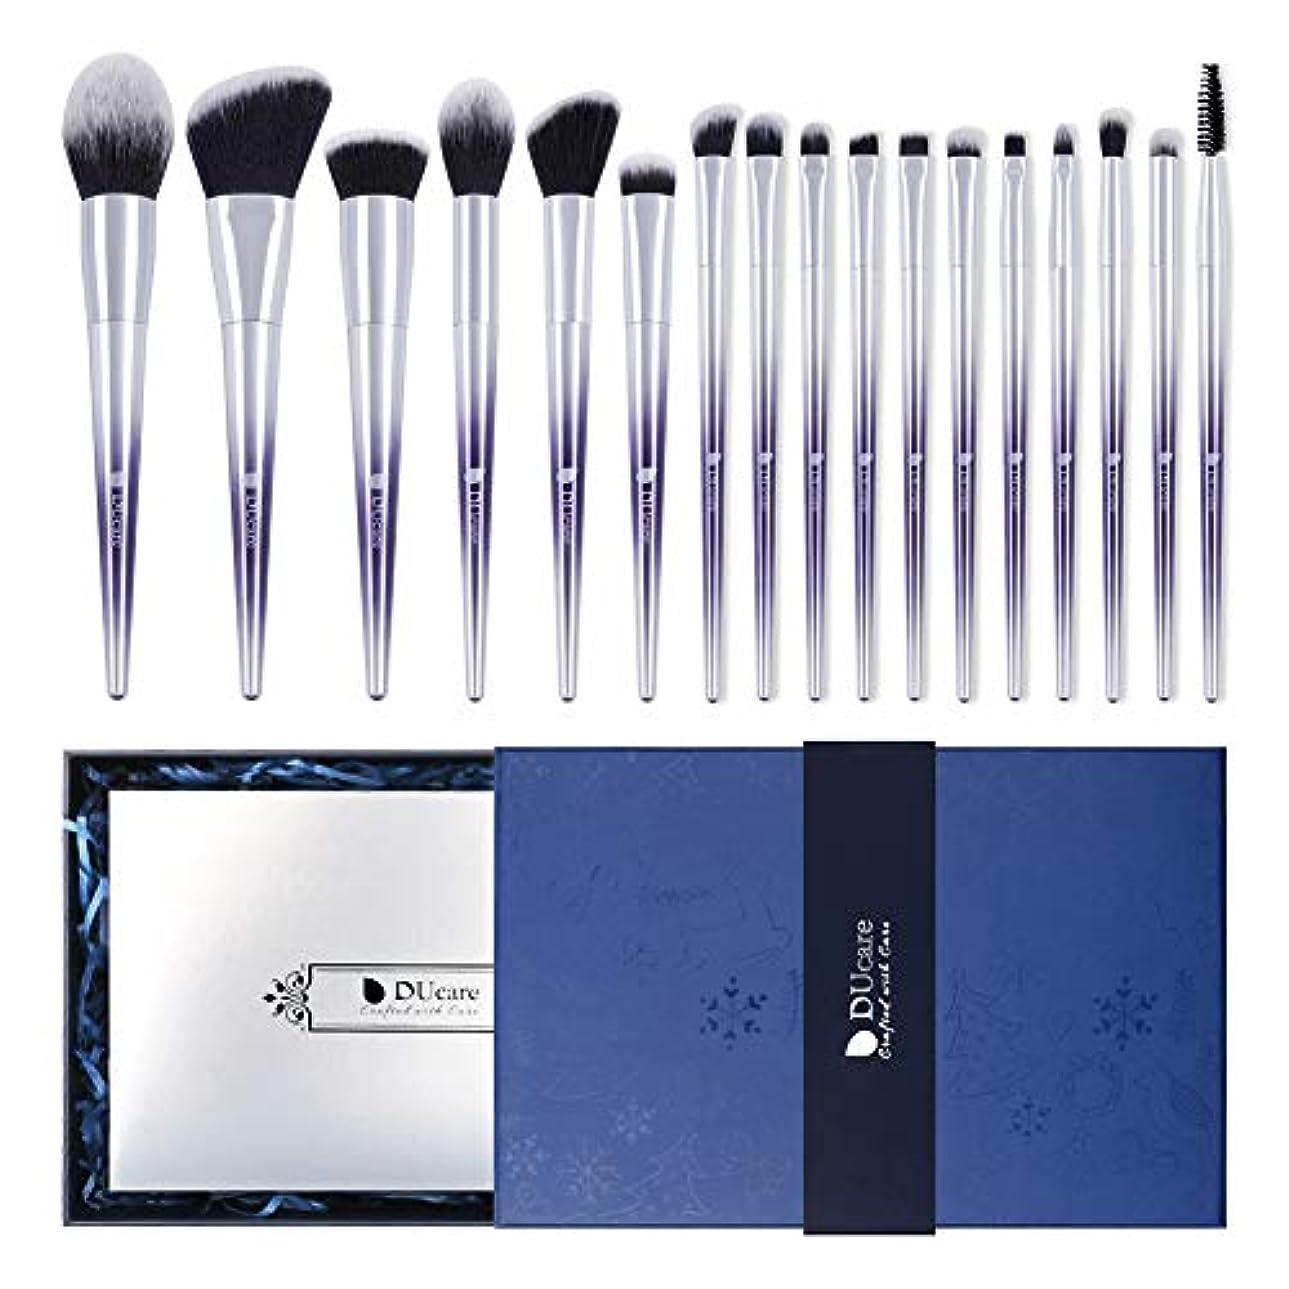 計算する特権的代数的DUcare ドゥケア 化粧筆 メイクブラシ 17本セット高級タクロンを使用 ギフトボックス付き